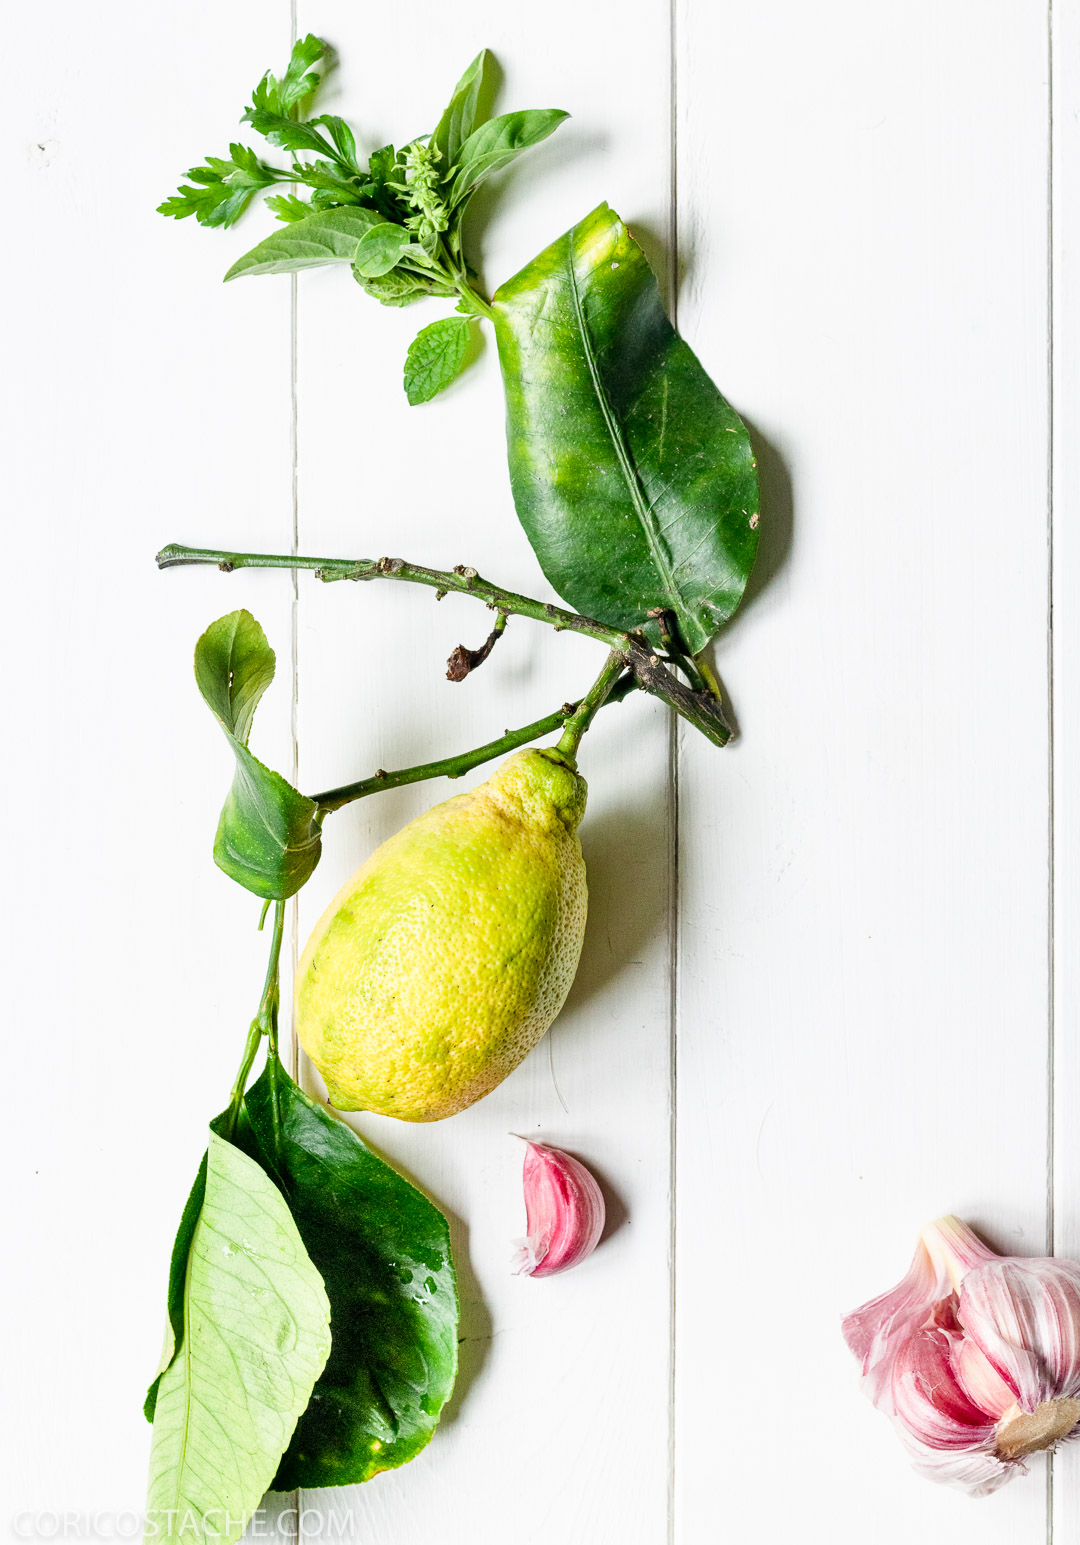 Seared Endives with Gorgonzola & Mint Gremolata